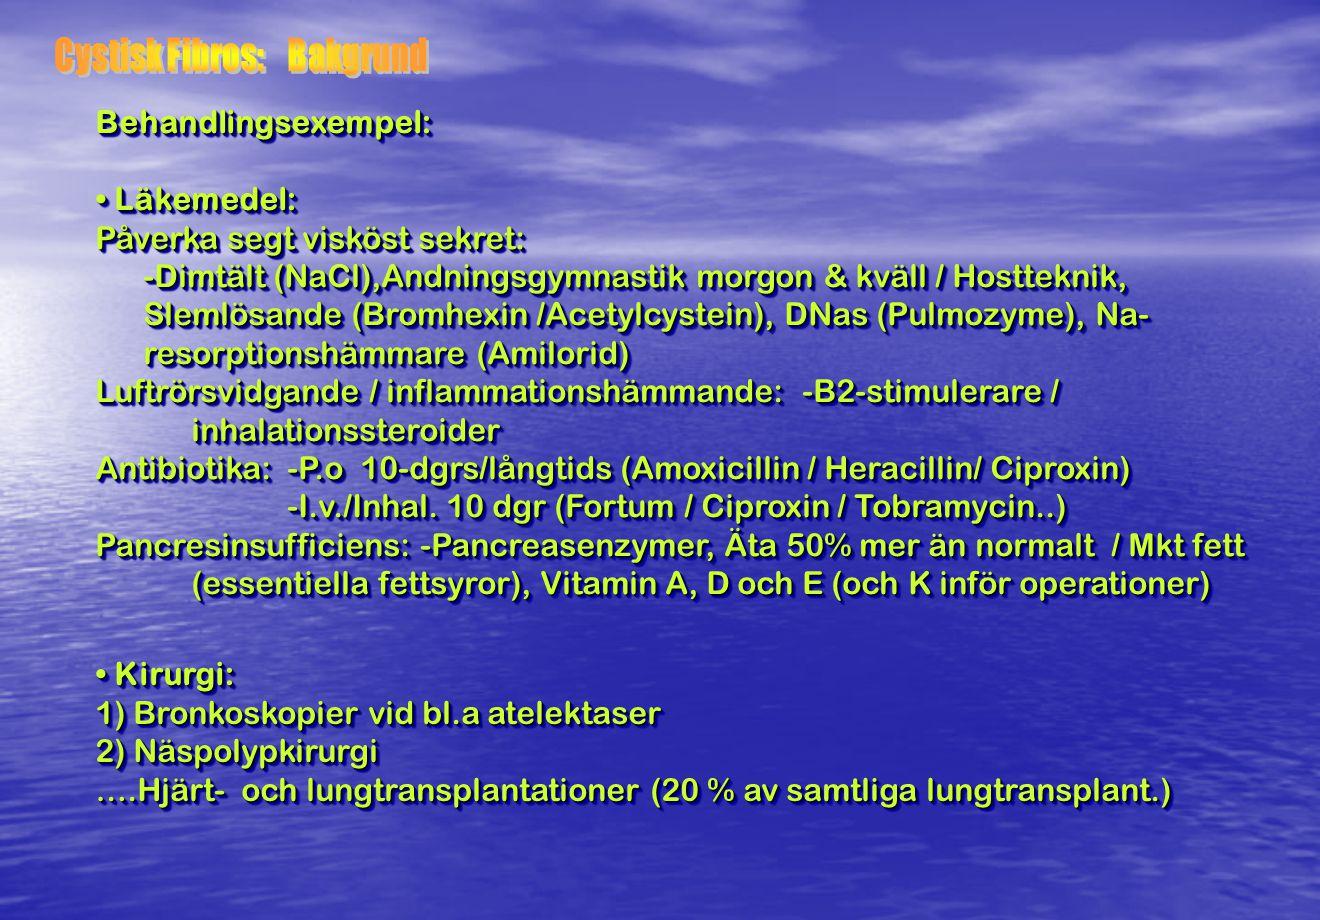 ÖNH-sjukdomar vid CF: 1) Näspolyper (i ca 25-56% (Jorissen-99, Brihaye-94, Coste-95, Hadfield-2000) ) 2) Sinuit ( 11-94 % har beh.krävande sjd (Ceporo-87, Moss-95, Kerrebijn-92) ) (Ceporo-87, Moss-95, Kerrebijn-92) ) 3) Sensorineural hns (pga aminoglykosider).